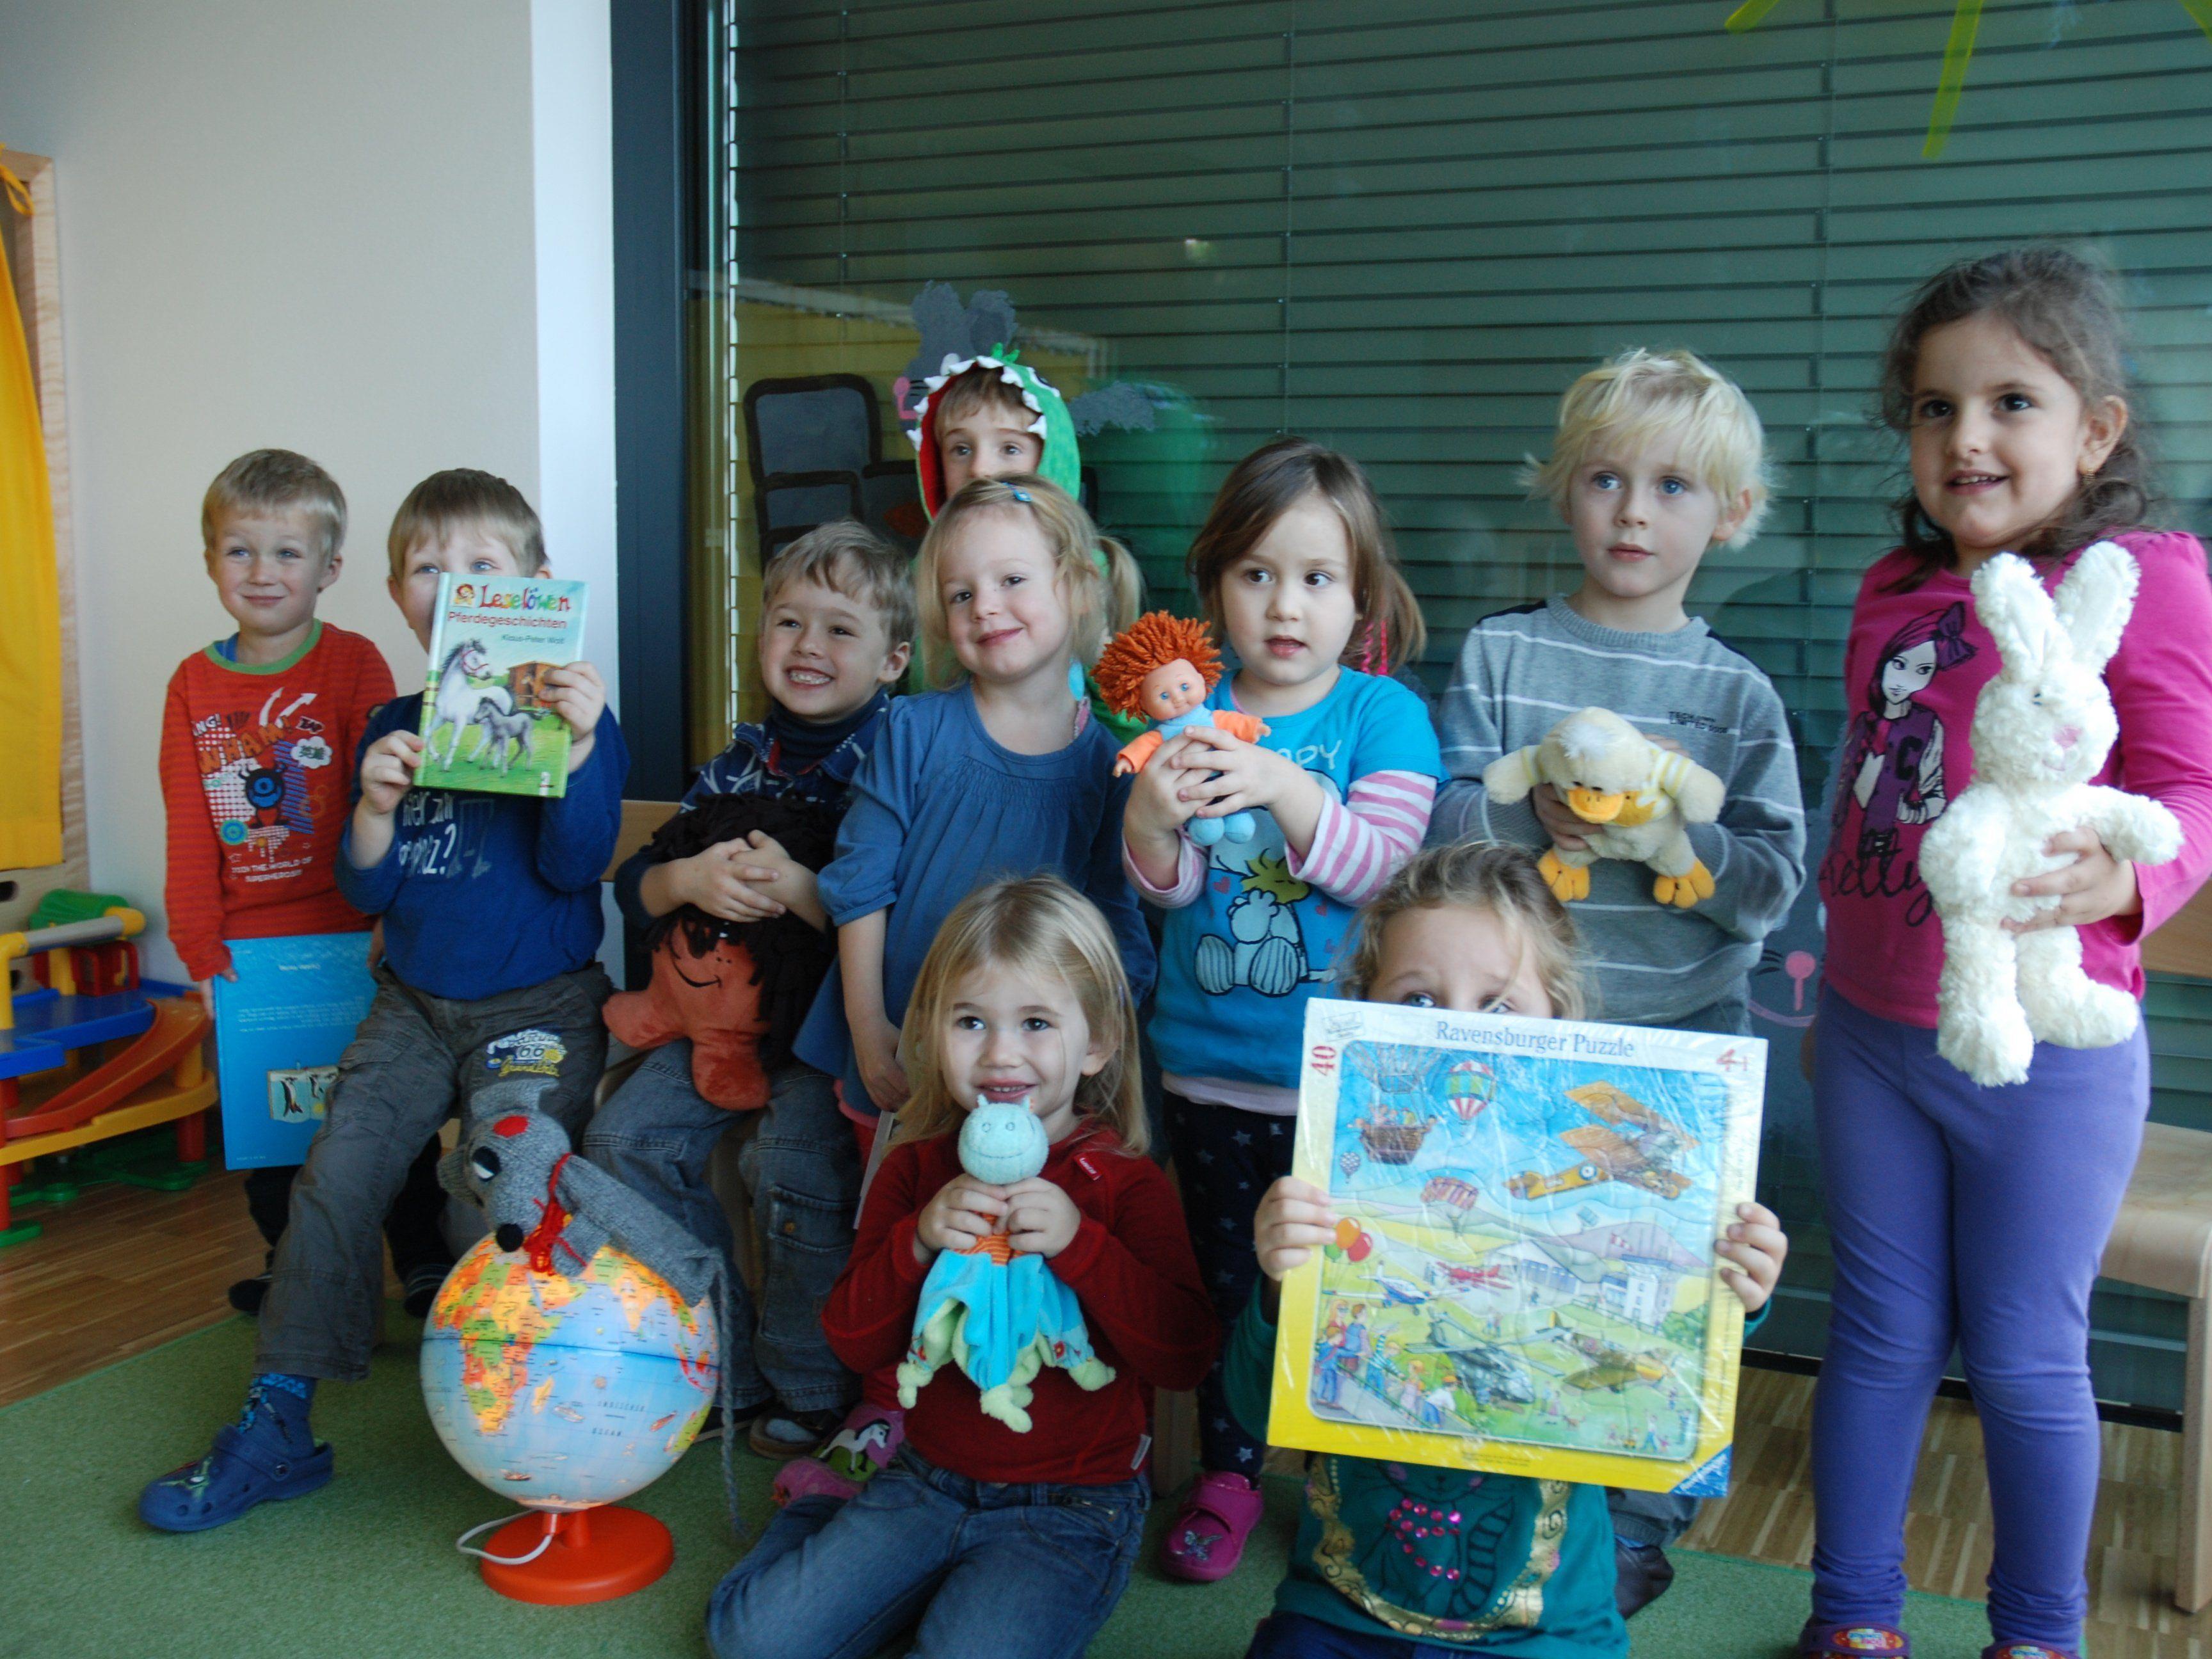 """Kindergartenkinder der """"Mäusegruppe"""" des Kindergartens am Landeskrankenhaus Feldkirch zeigen ein großes Herz für weniger begünstigte Menschen."""